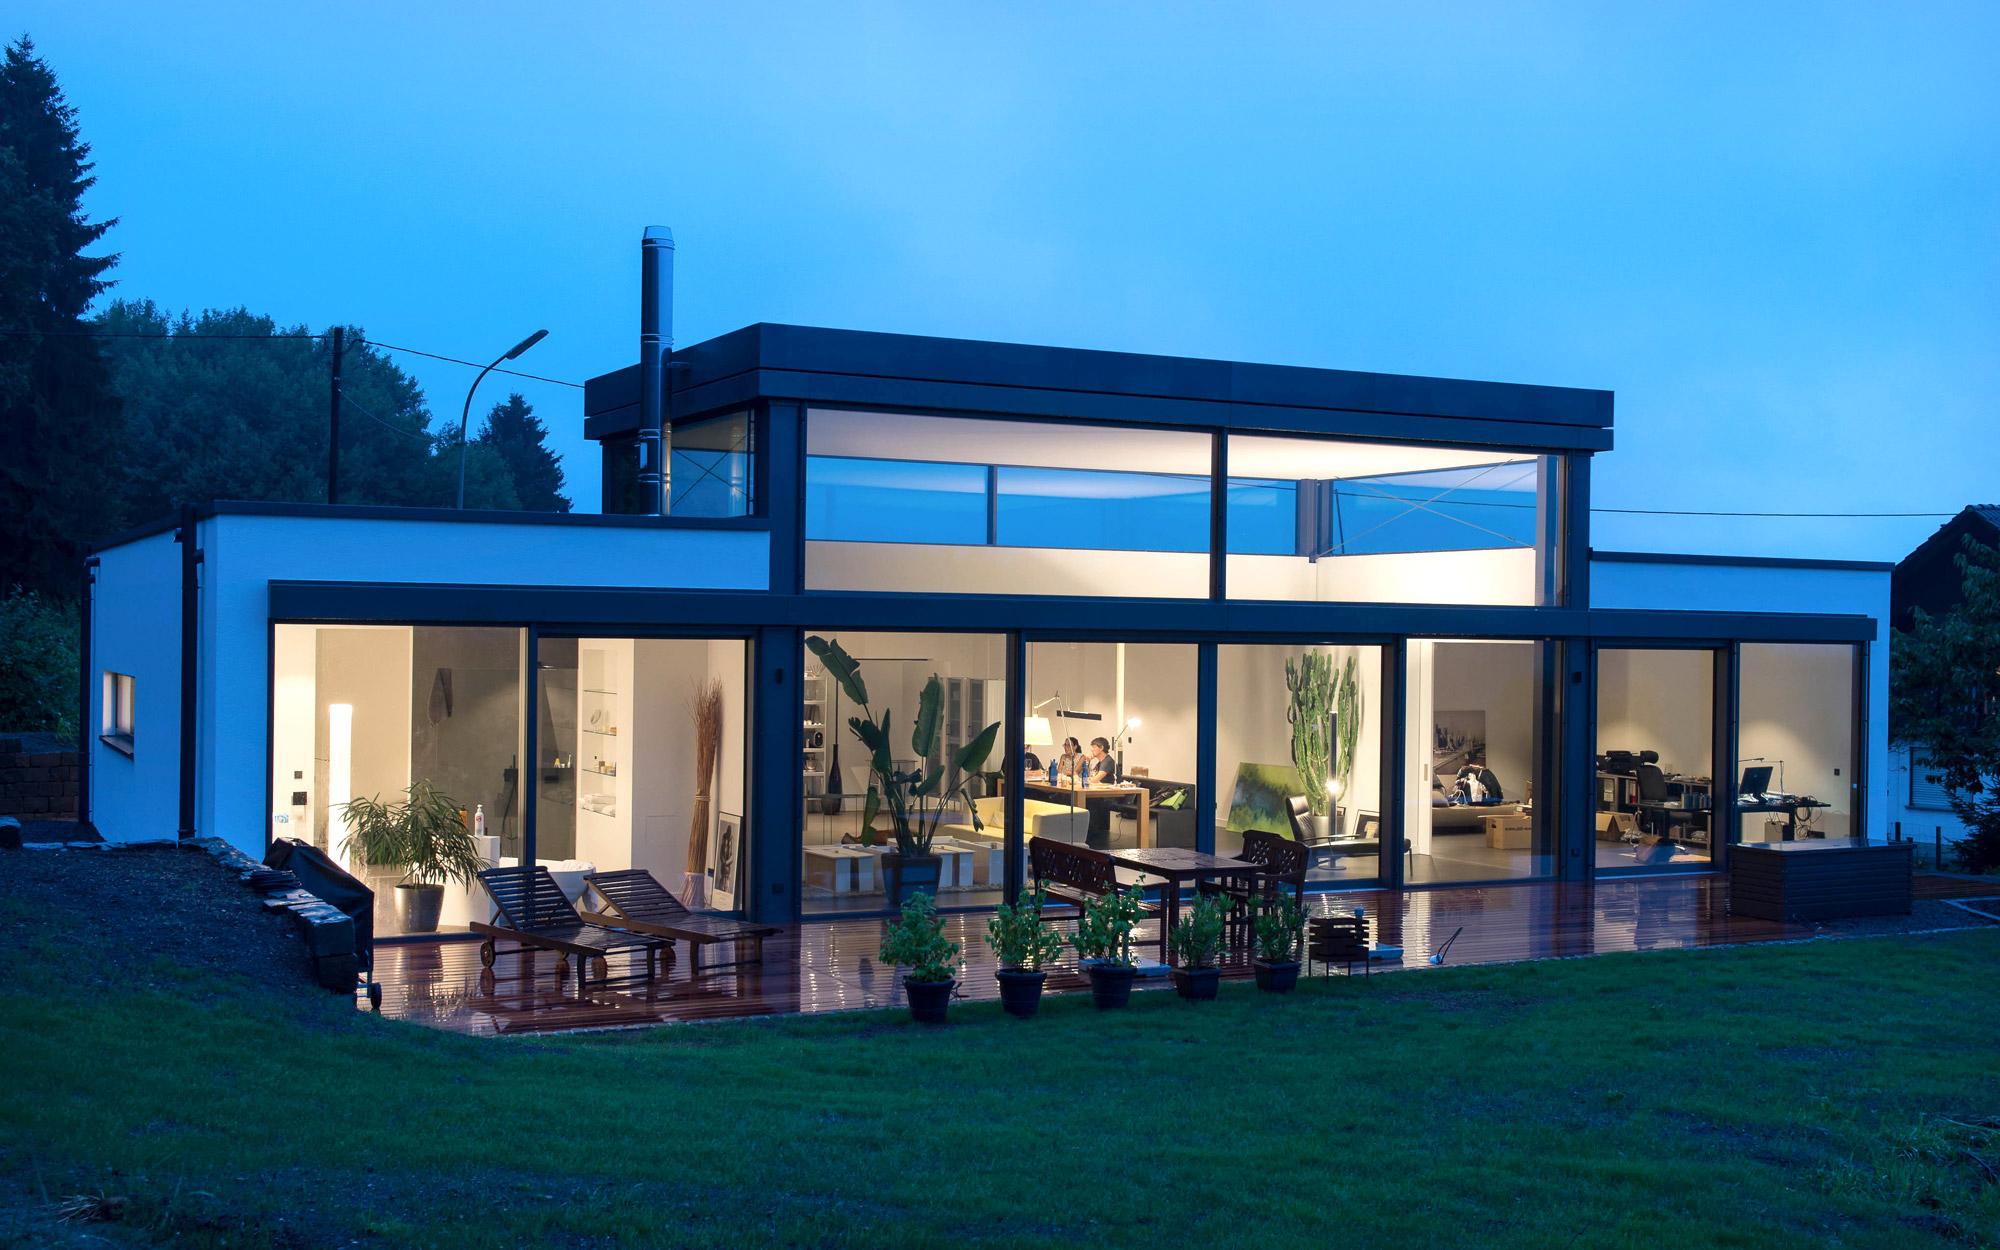 Barrierefreies Wohnen mit Glasfassade